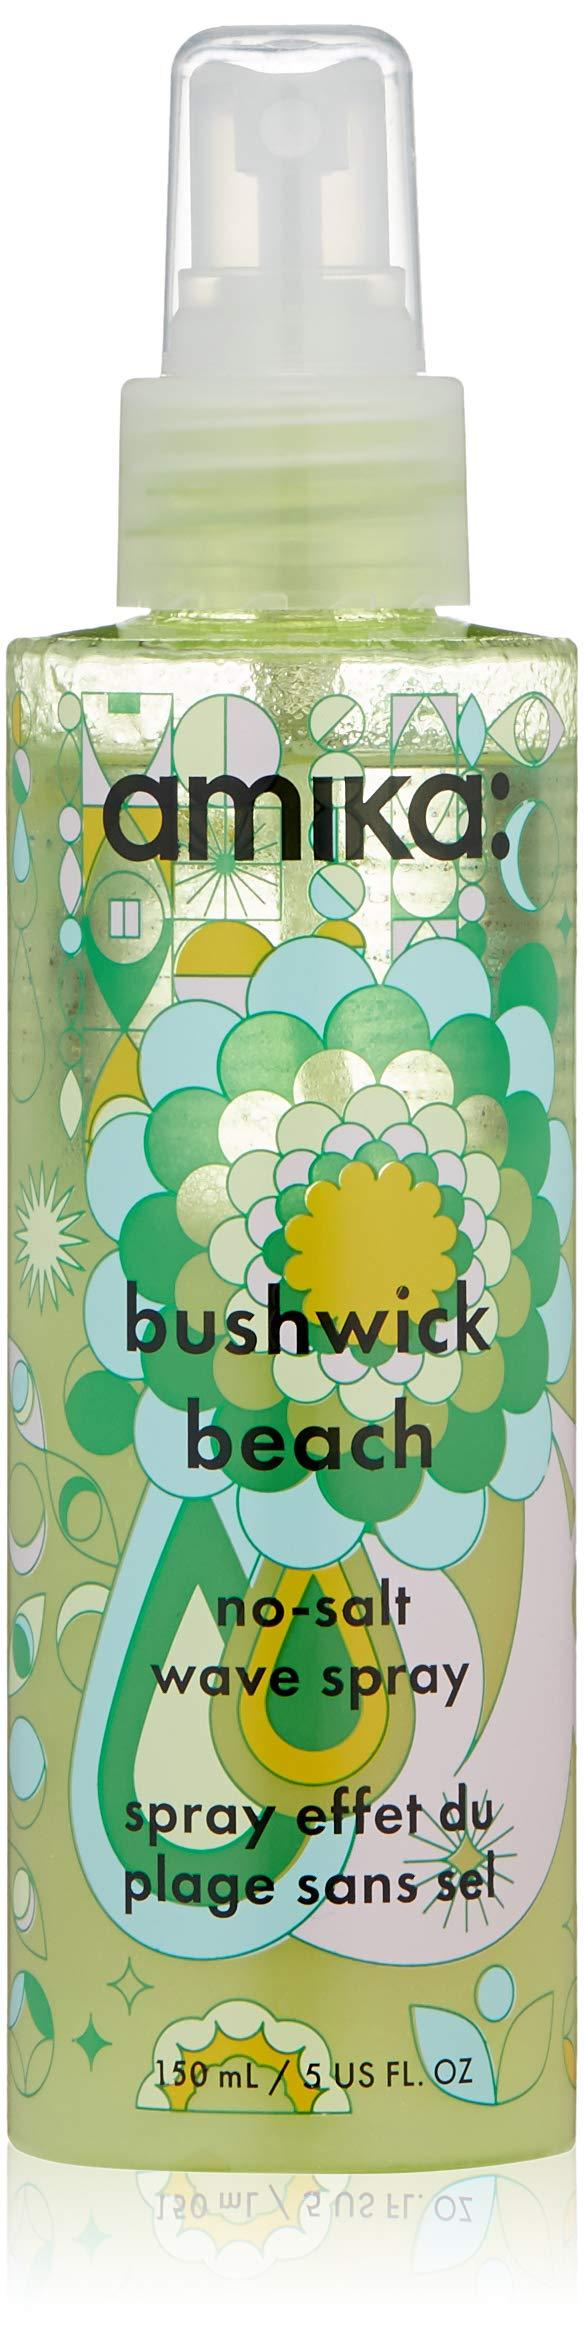 amika Bushwick Beach No Salt Wave Spray 5 Fl Oz by amika